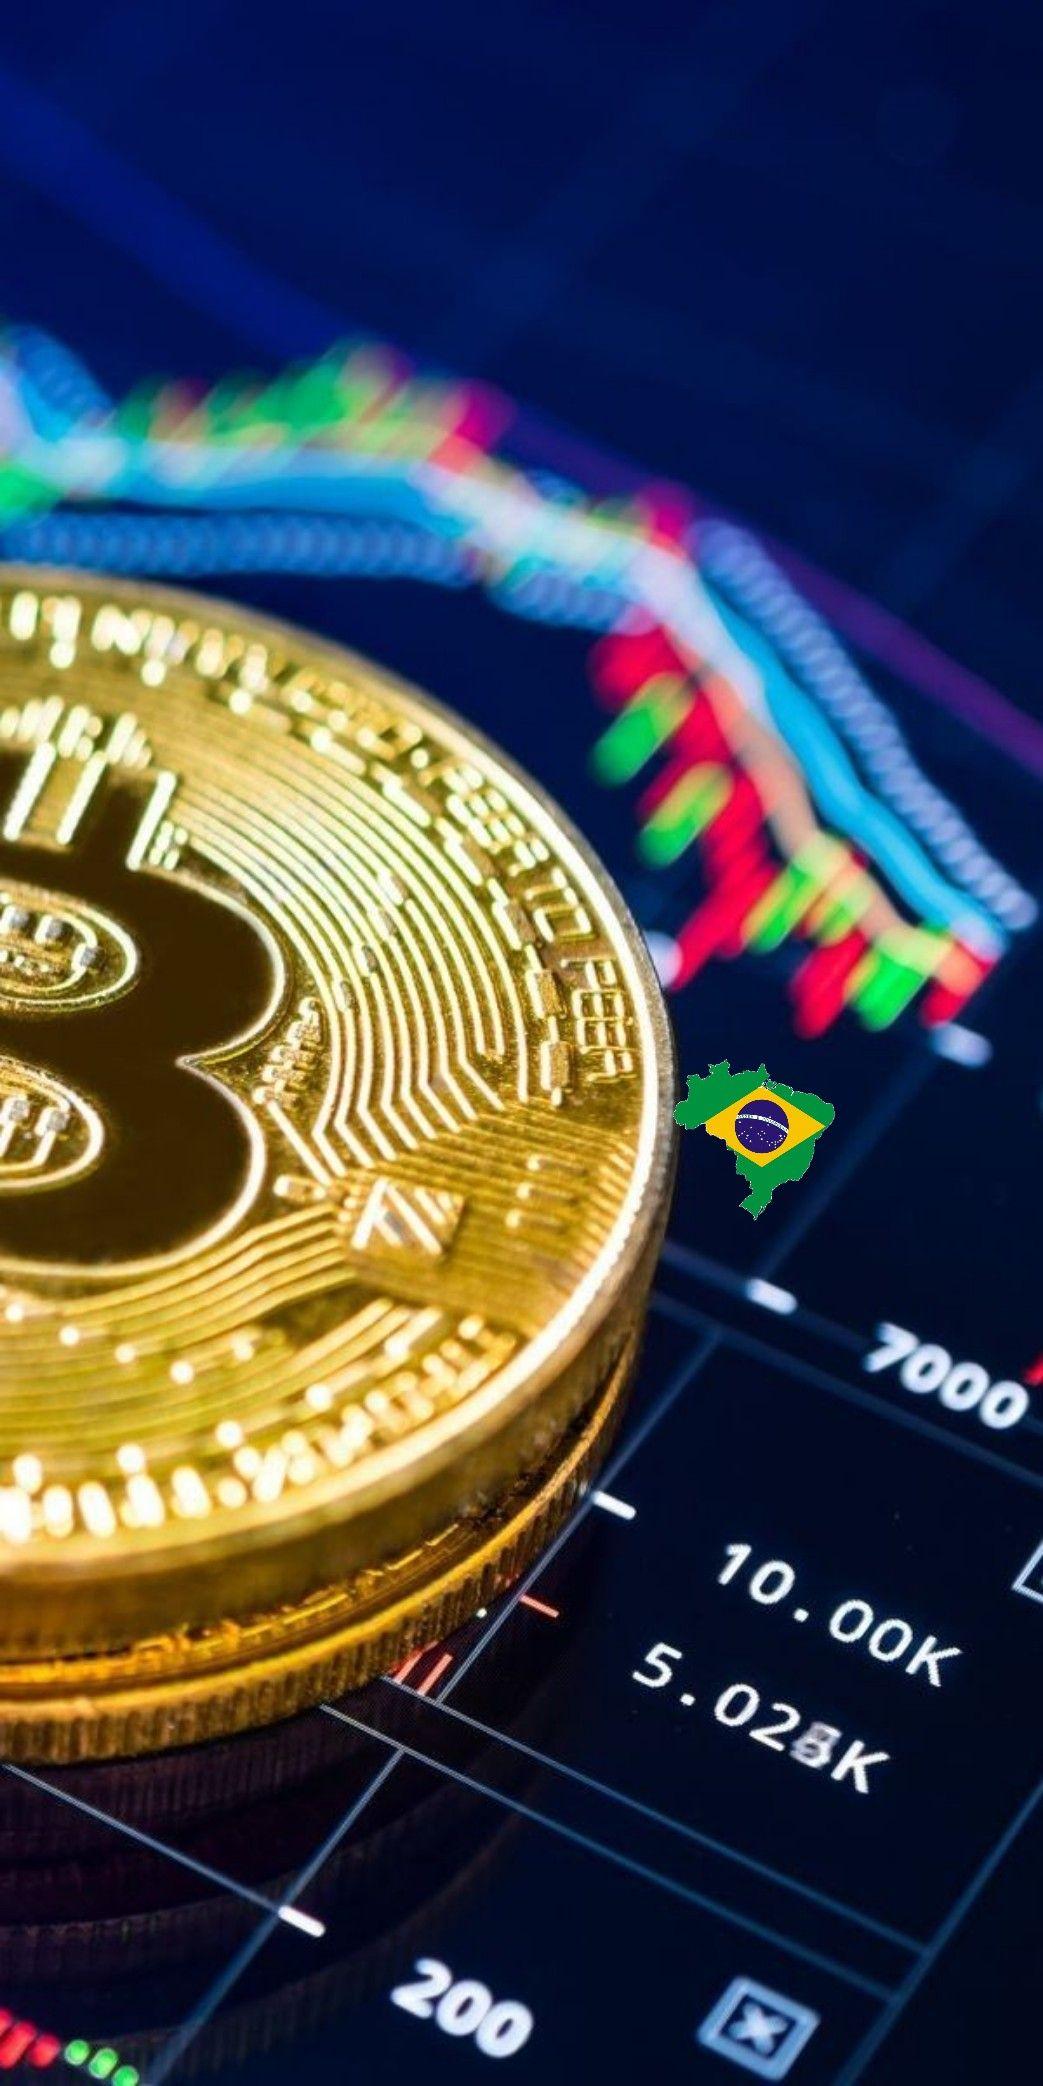 ganhe dinheiro online com mineração de criptomoedas o que é o período de aquisição de opções de ações digitais